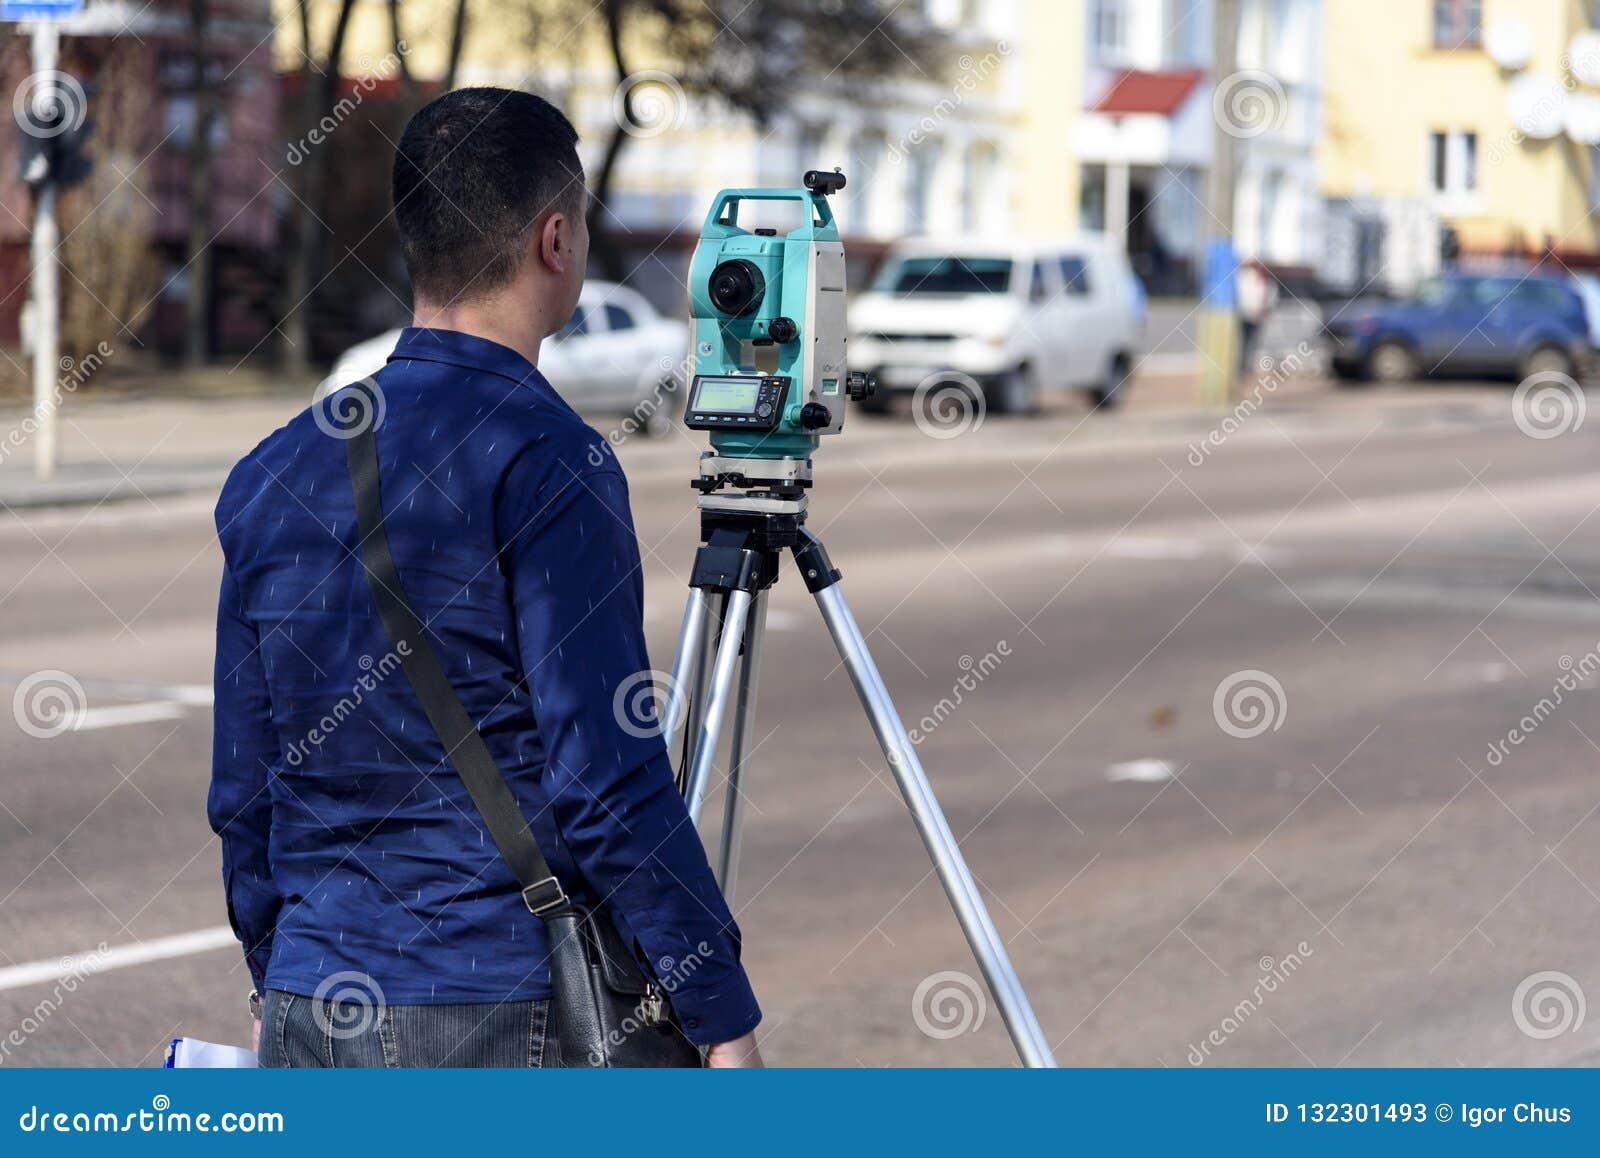 El topógrafo de la tierra del ingeniero hace medidas en la calle de la ciudad de Chernigov, Ucrania